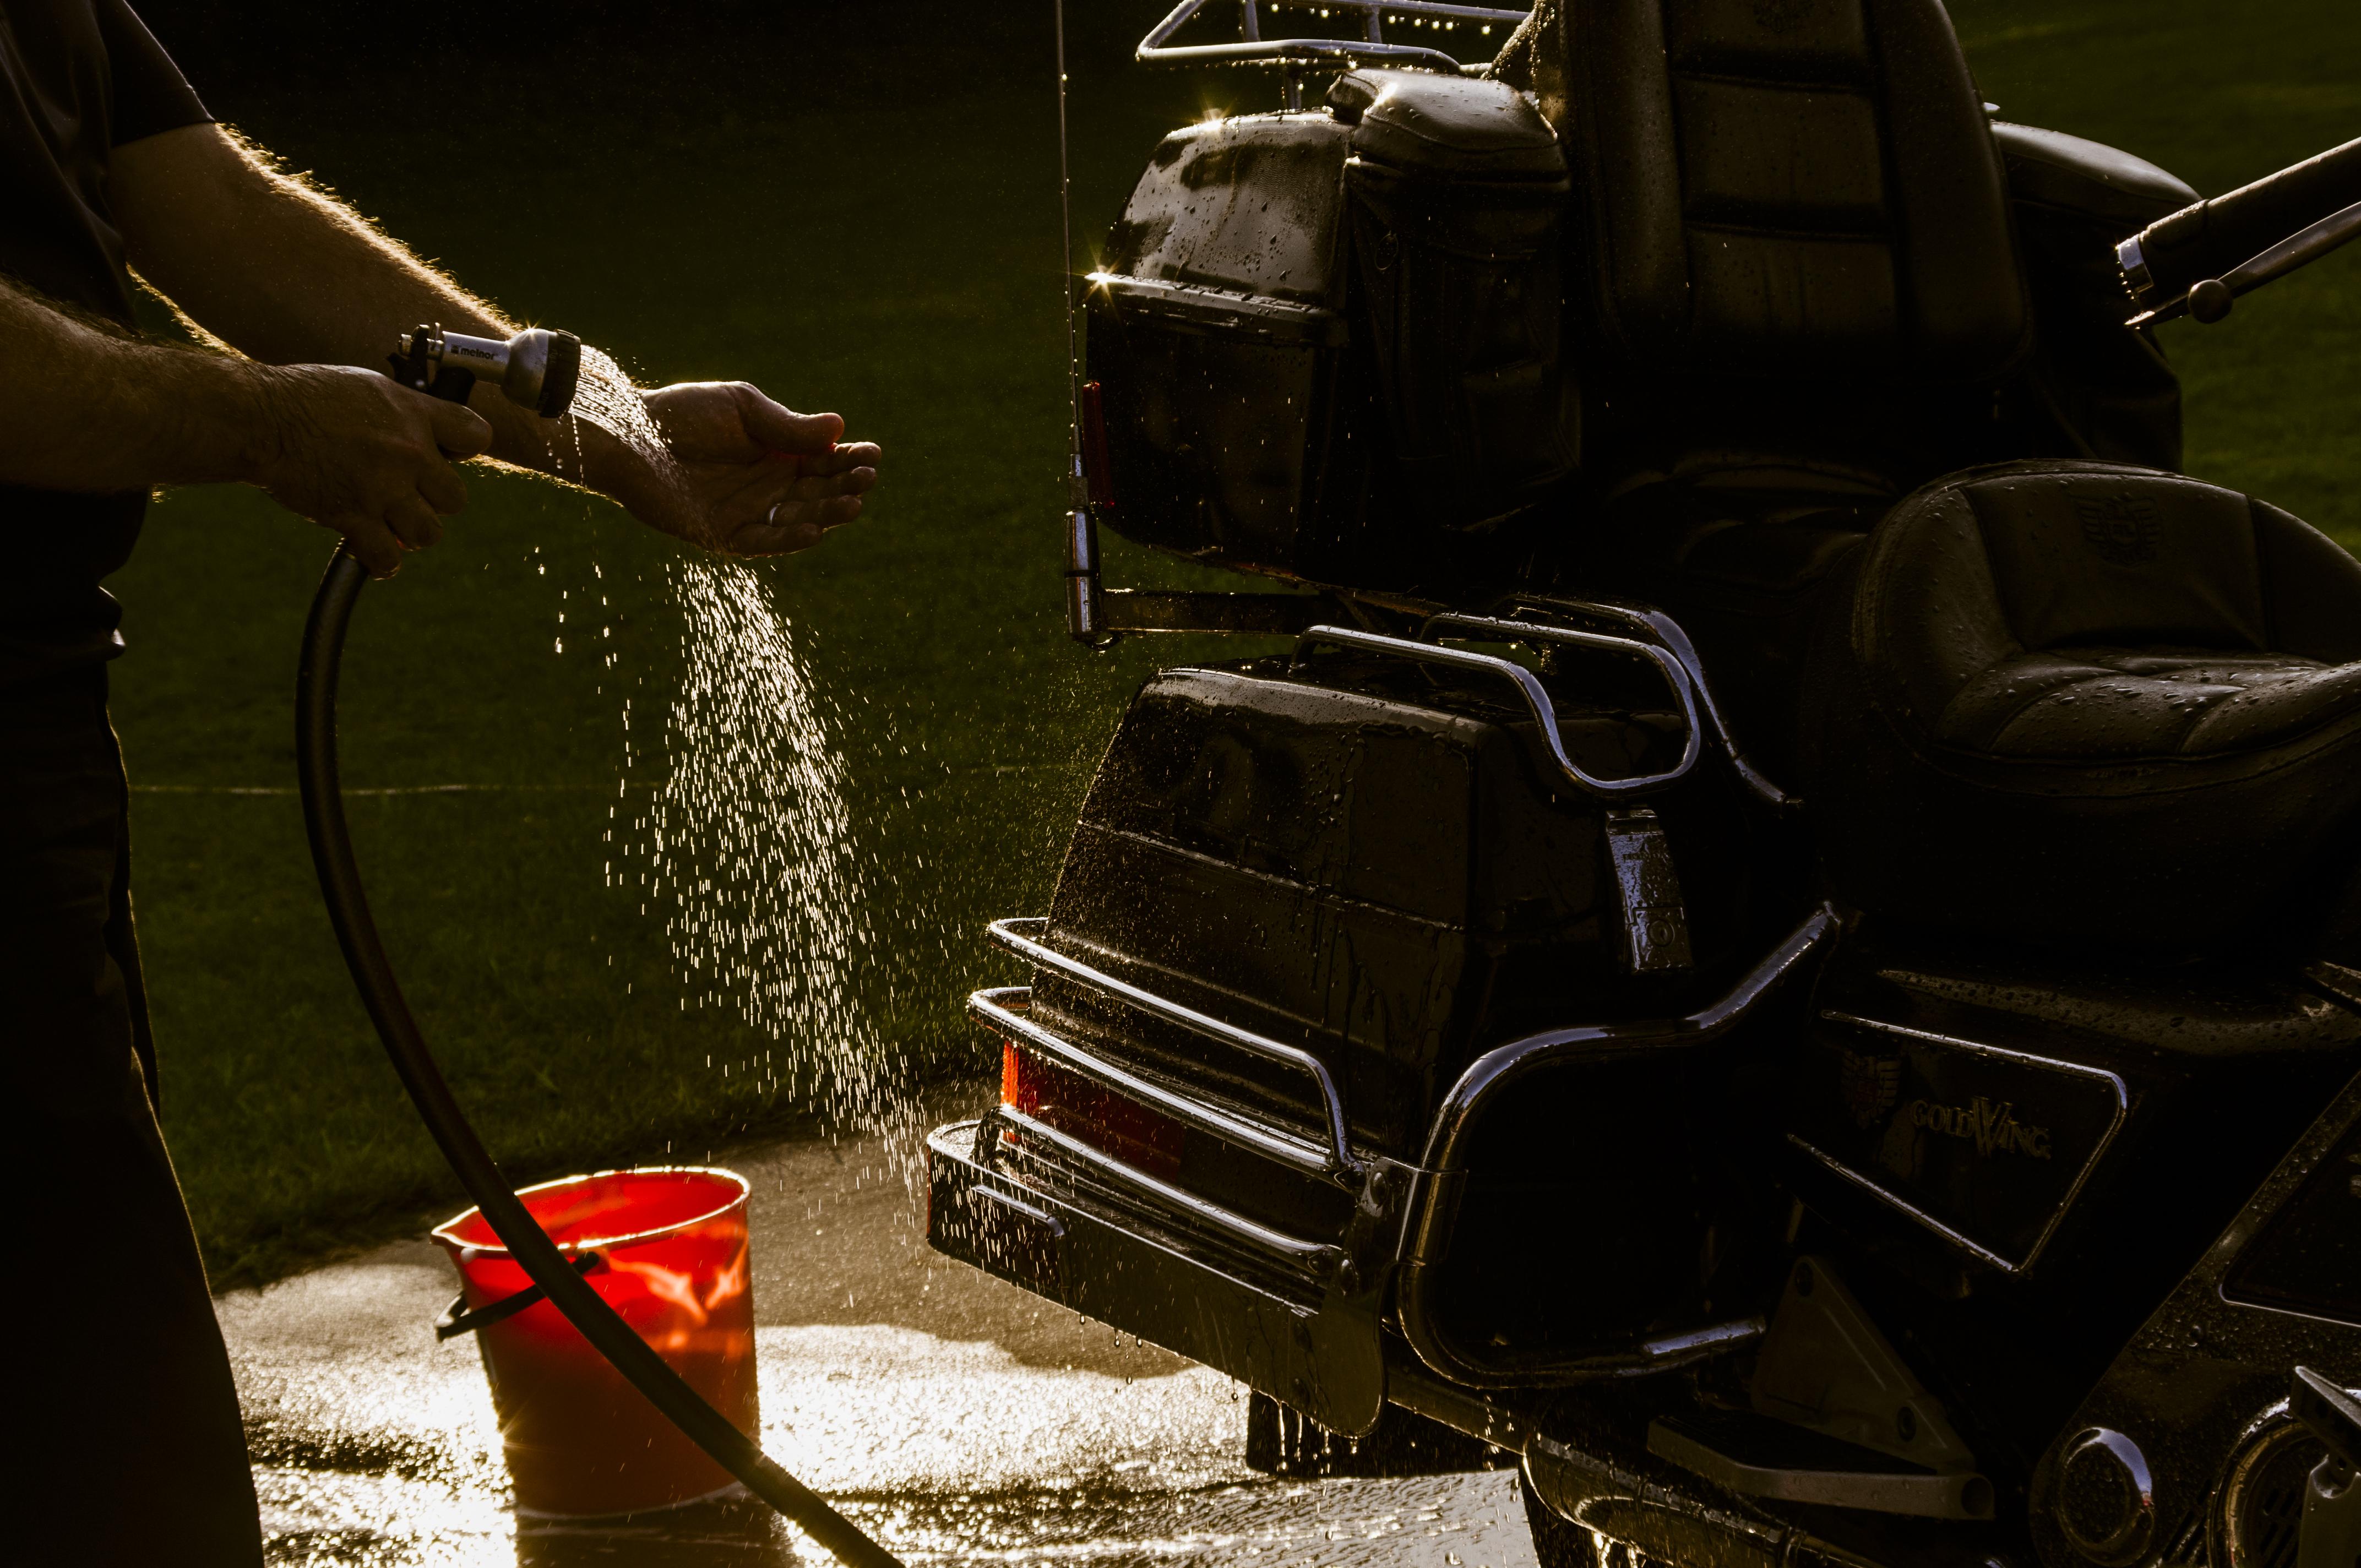 Wash The Motorcycle, Auto, Bike, Black, Bucket, HQ Photo